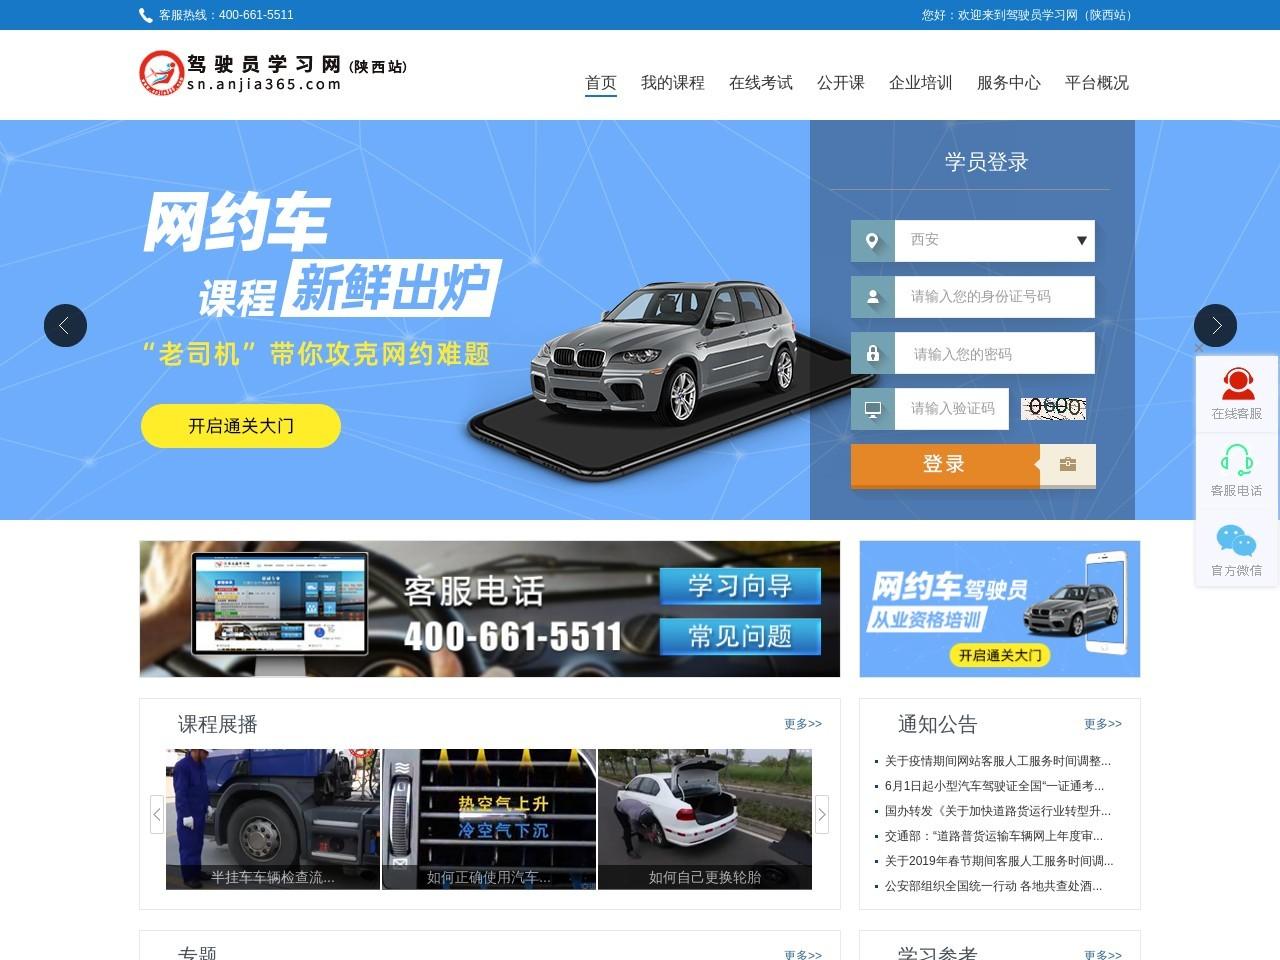 中國駕駛員學習網(陜西站)截圖